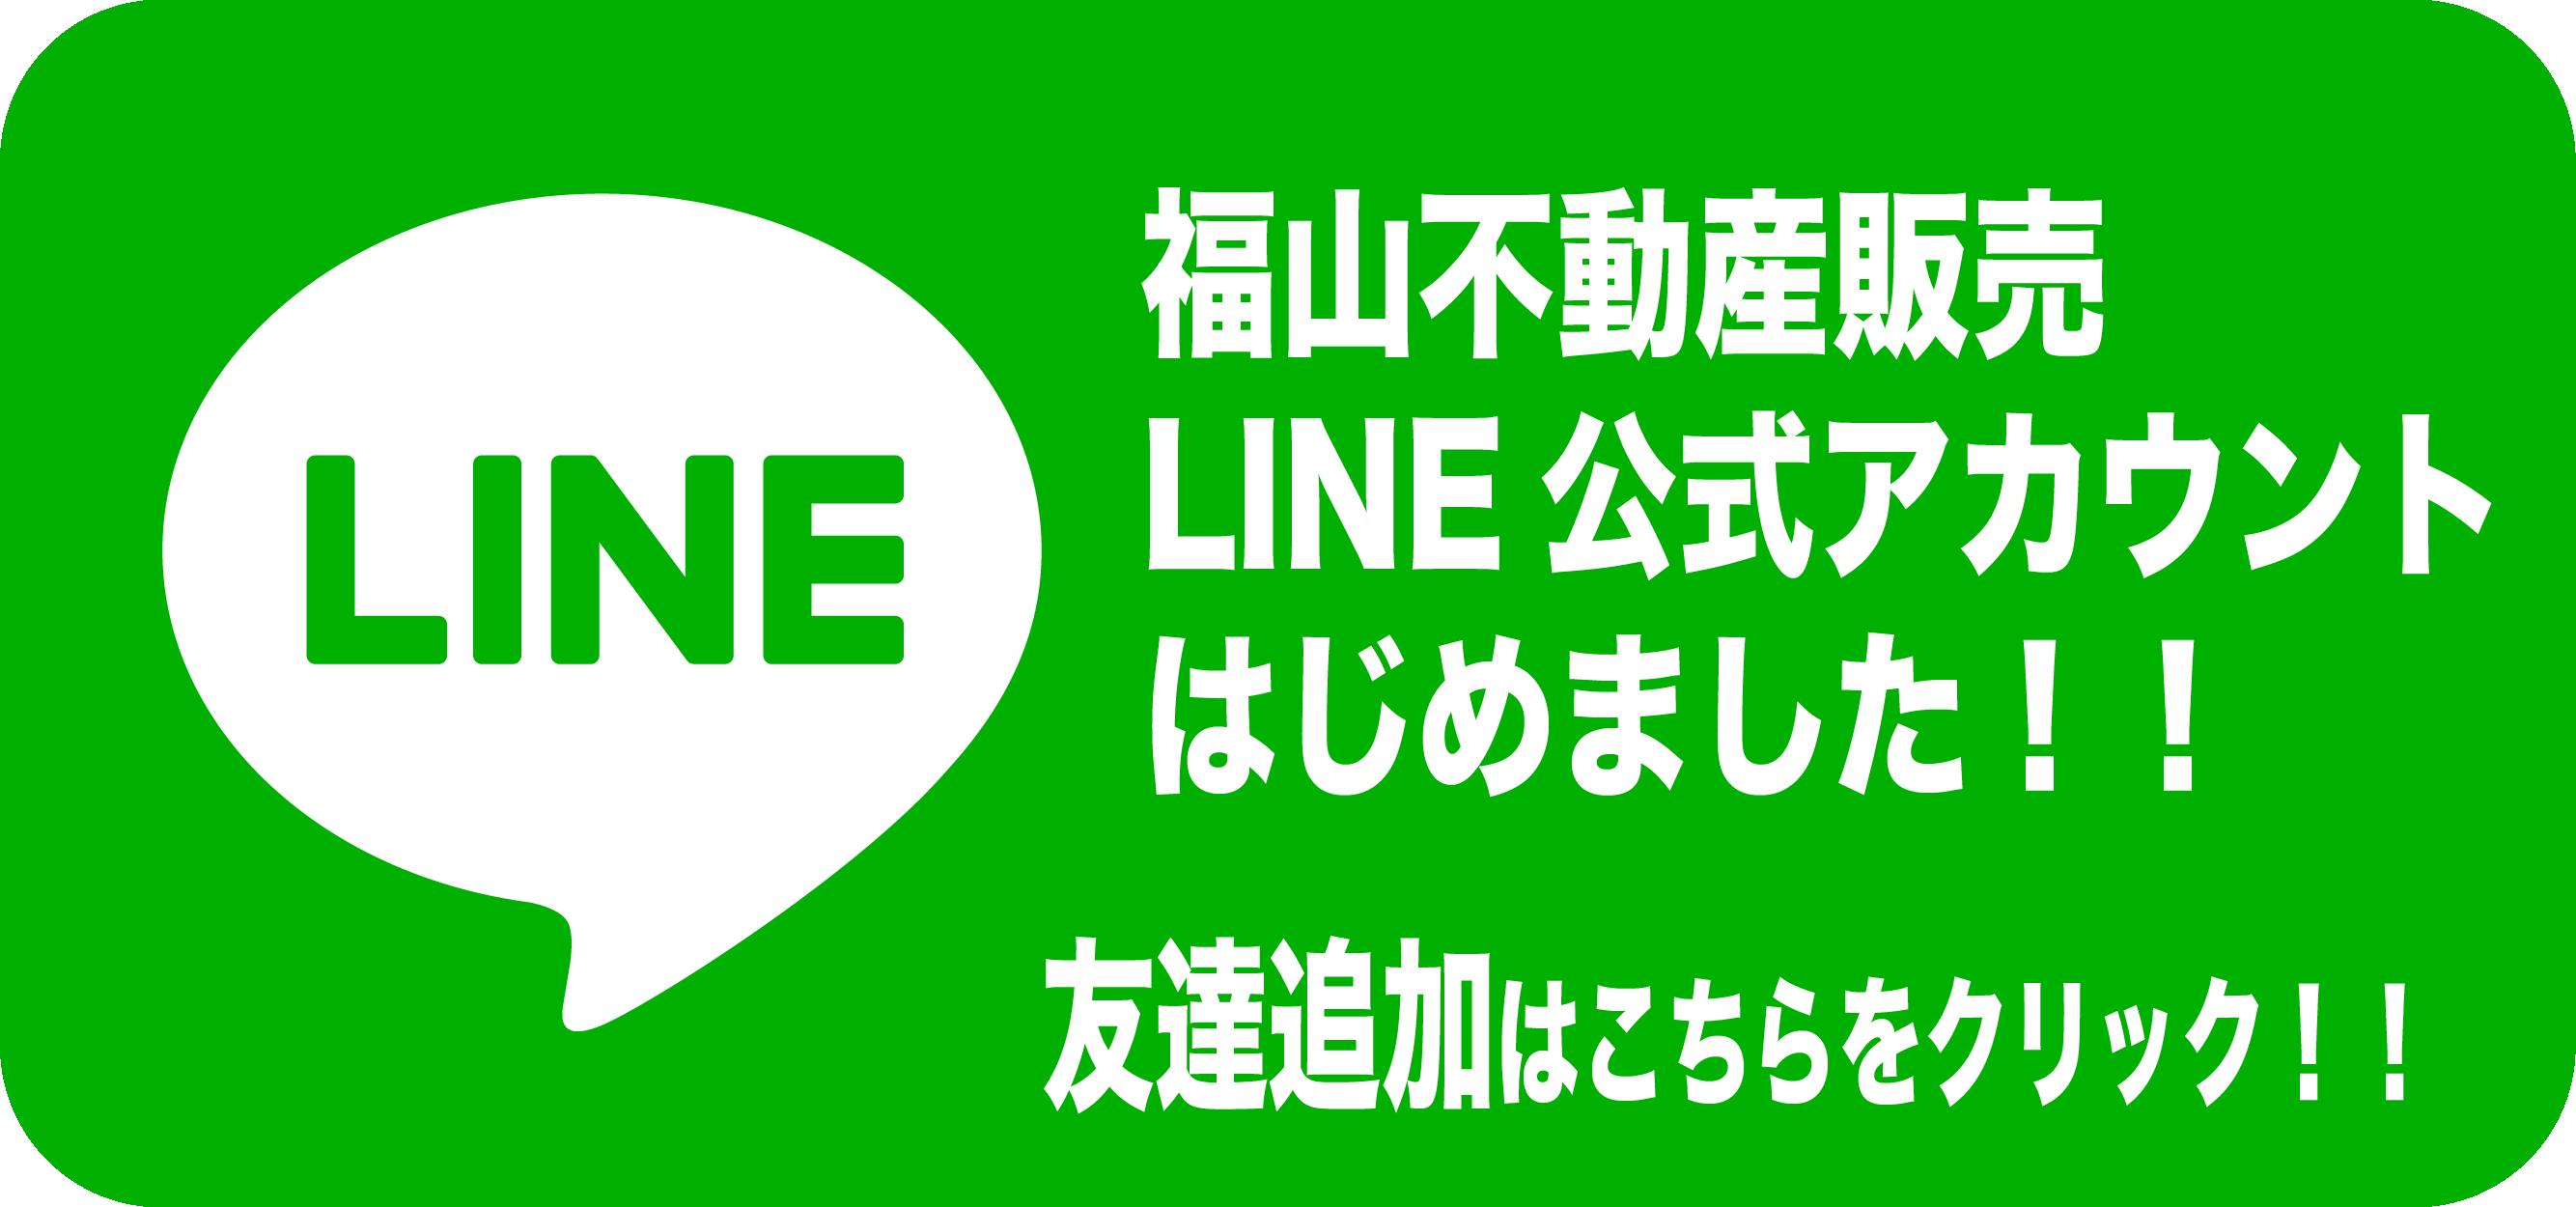 福山不動産販売LINE